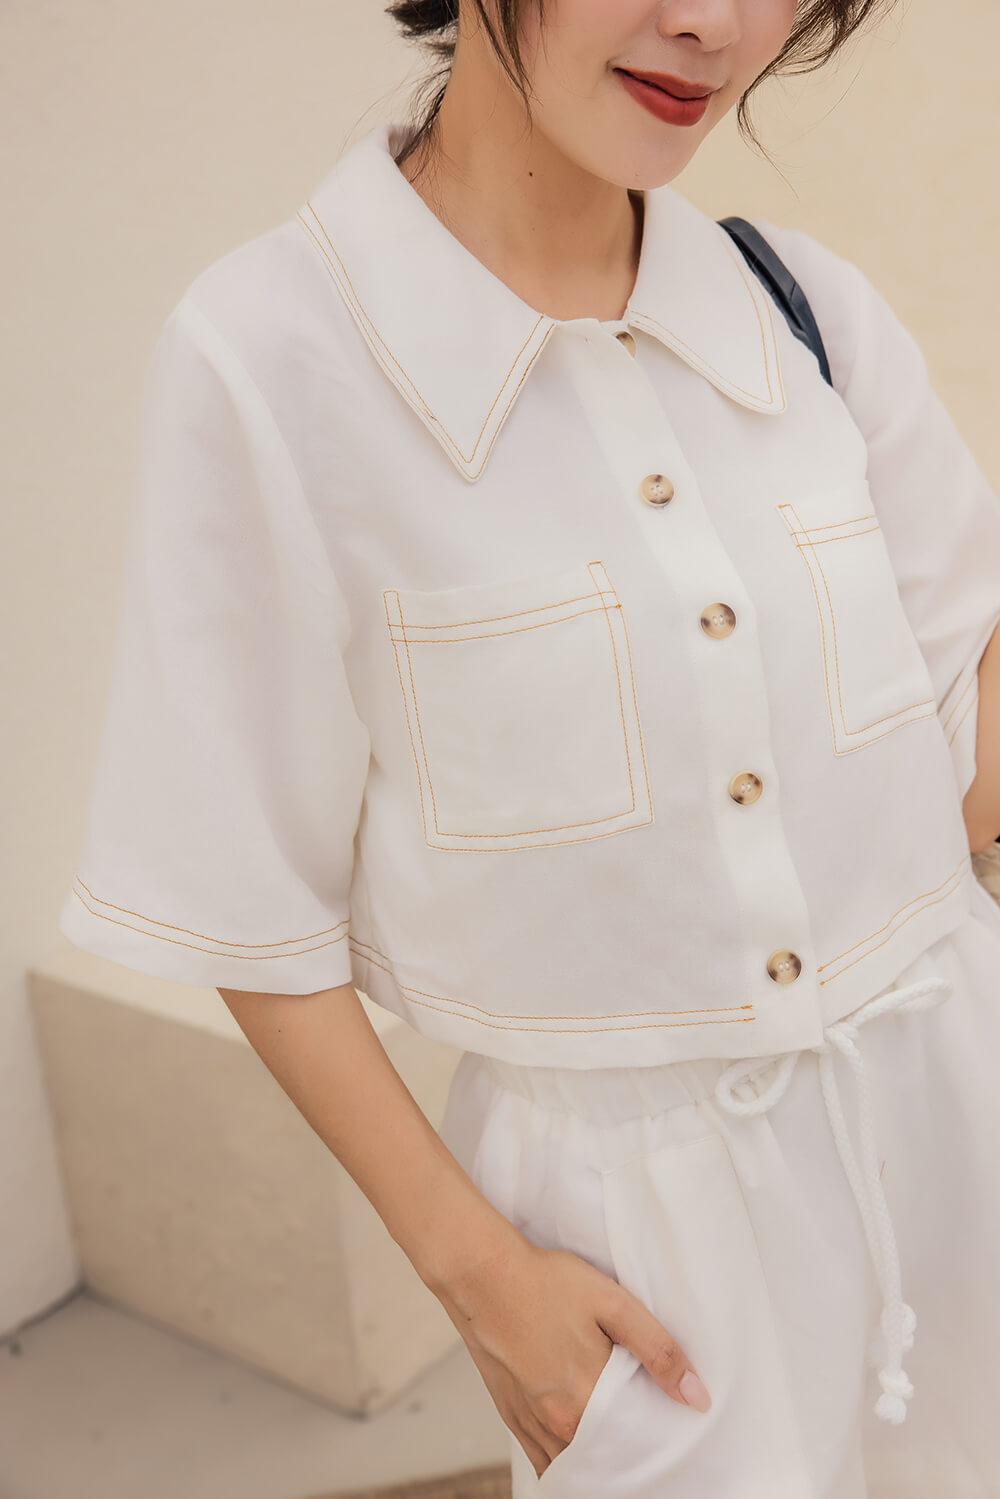 明線棉麻襯衫